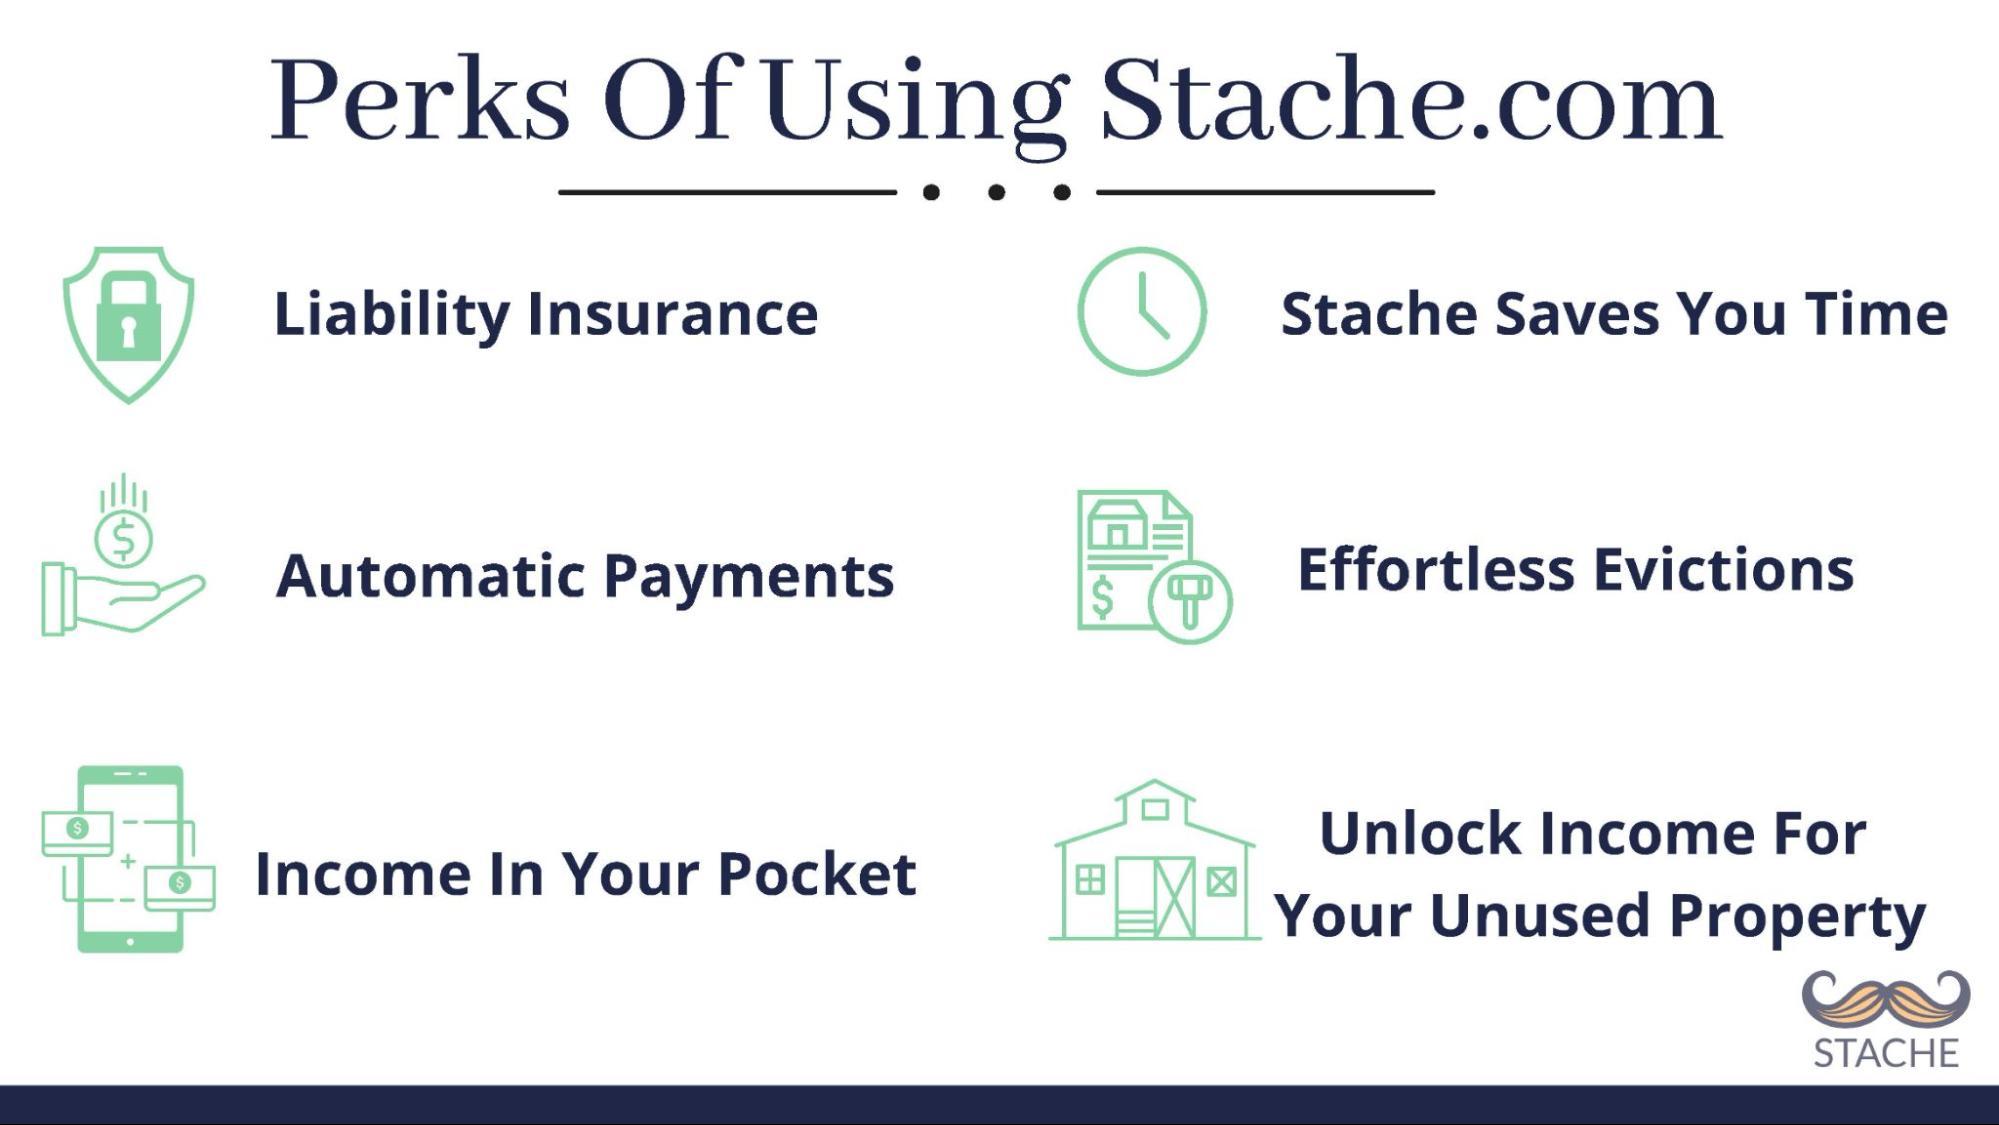 perks of using stache.com